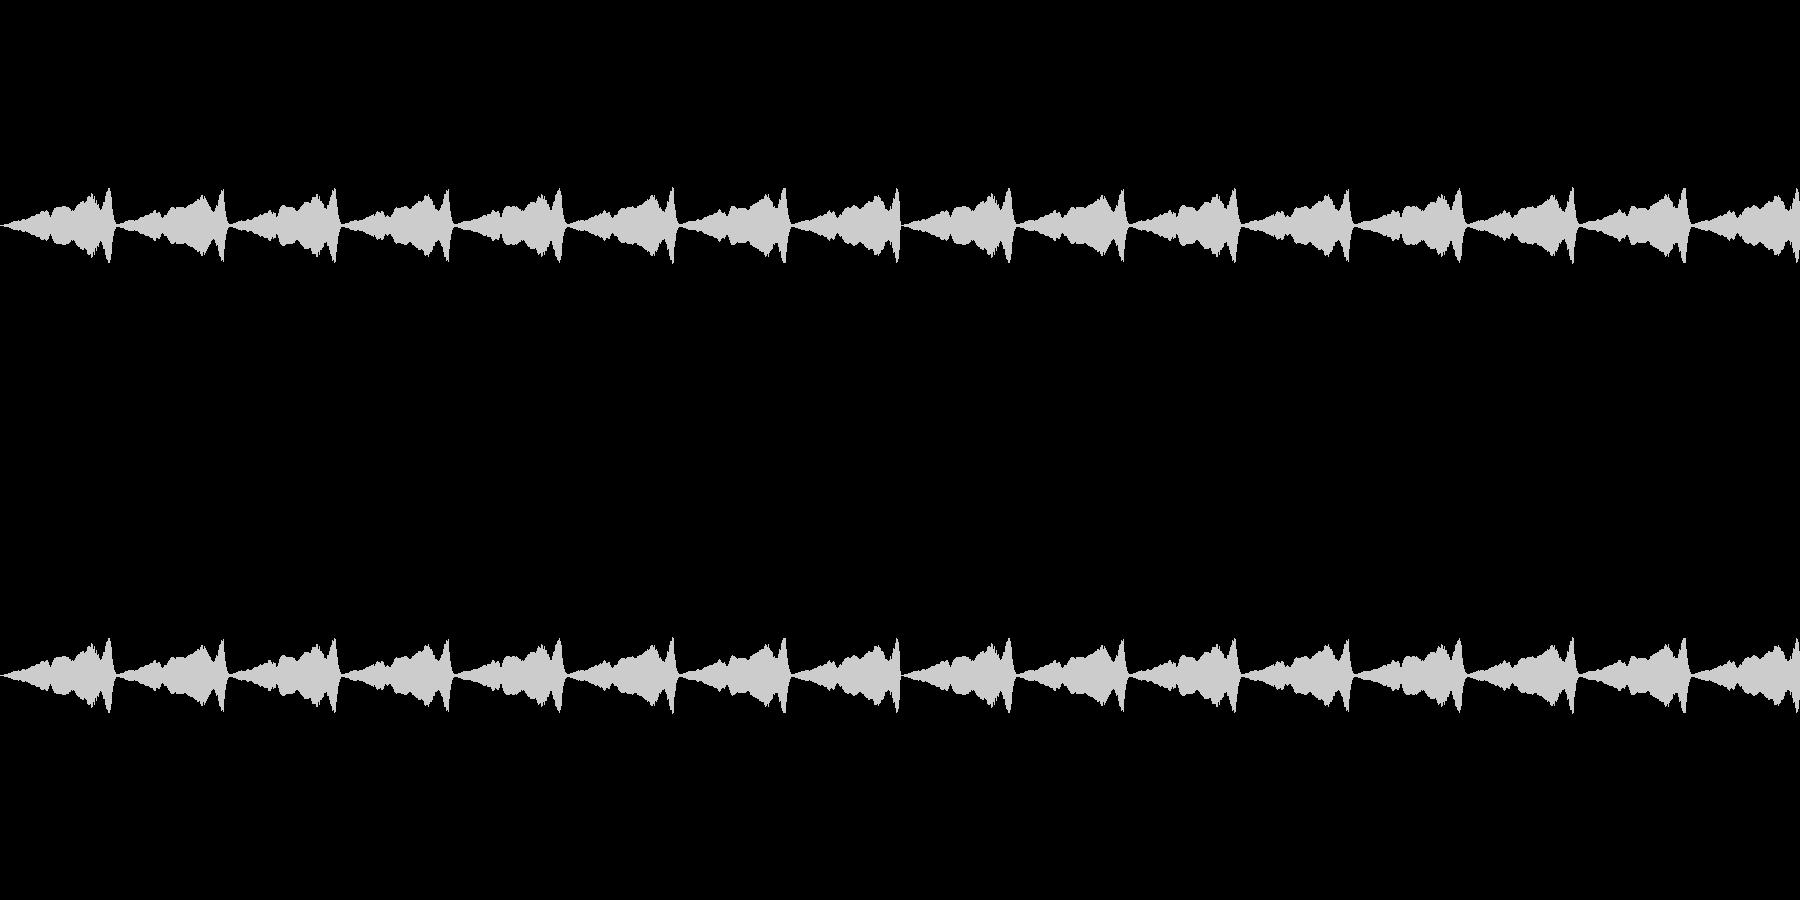 くすぐるような効果音_その2の未再生の波形